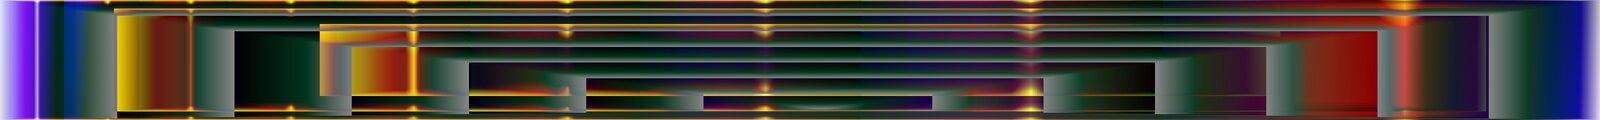 De digitale kunst, vat driedimensionele voorwerpen met zachte verlichting samen royalty-vrije illustratie